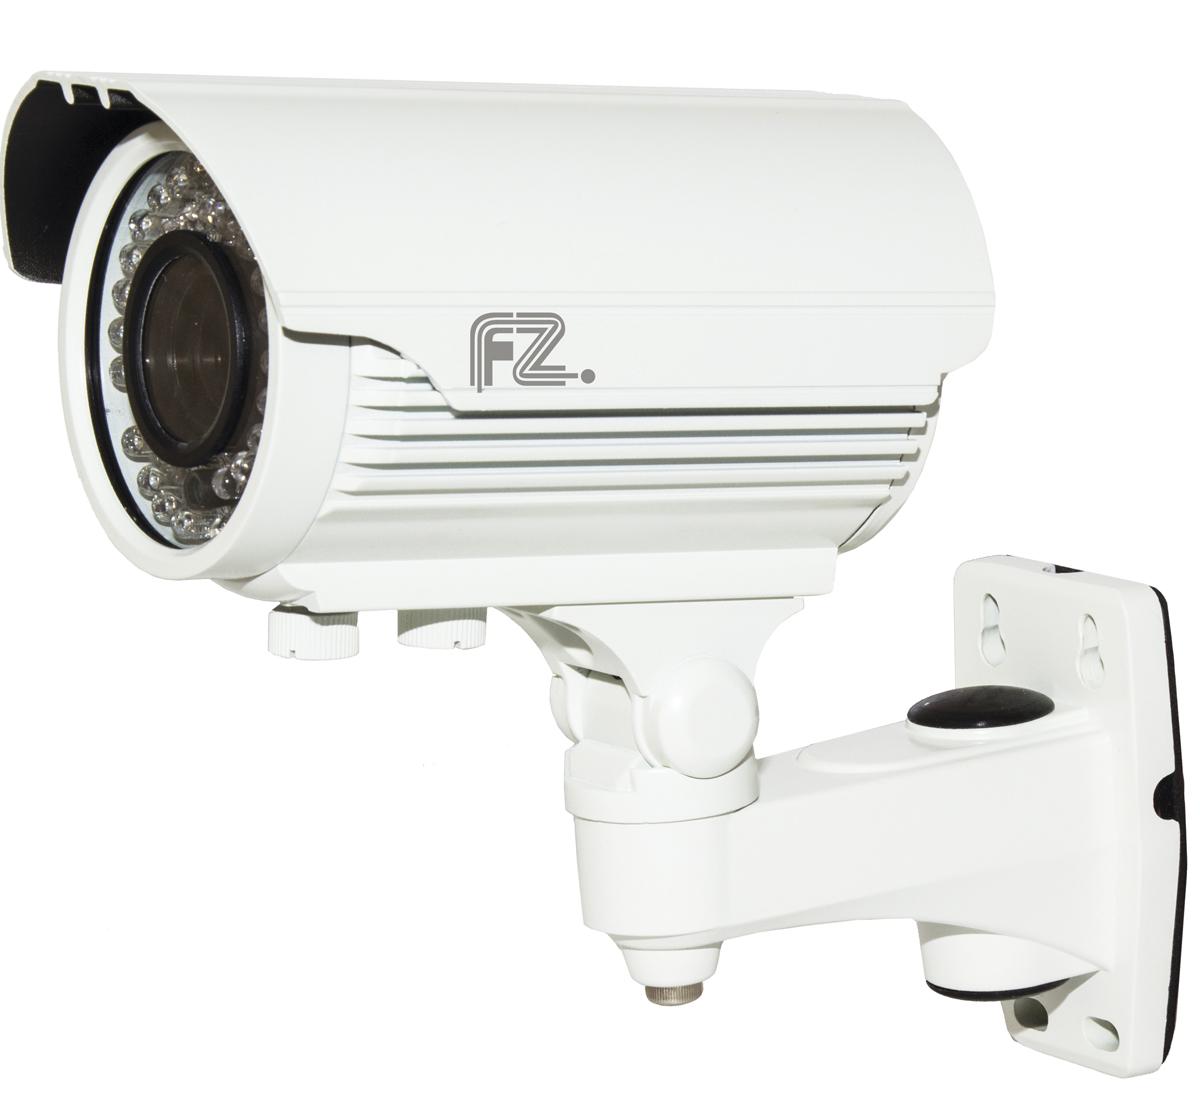 Fazera FZ-VIR42-1080(N) камера видеонаблюденияFZ-VIR42-1080 (N)Благодаря наличию инфракрасной подсветки дальностью 40 метров, и надежной защитой от атмосферных воздействий в широком диапазоне температур, камера Fazera FZ-VIR42-1080(N) может эксплуатироваться на таких объектах, как уличные паркинги, складские помещения, отели, жилые дома и т.д.В основе камеры матрица: 1/4 CMOS благодаря чему FZ-VIR42-720(N) формирует изображение с разрешением до 1920x1080 пикселей (Full HD), с качественной цветопередачей и повышенной контрастностью, что позволяет использовать видеокамеру на объектах с высокими требованиями к качеству видеосигнала, и в системах с видеоаналитикой. Электропитание камеры возможно как от источника постоянного тока 12 В, так и по IP-сети (PoE).Матрица: 1/2.8 Sony Exmor IMX323Механический ИК-фильтр с автопереключениемНастройки яркости, контраста, насыщенности через клиентское ПО или веб браузер